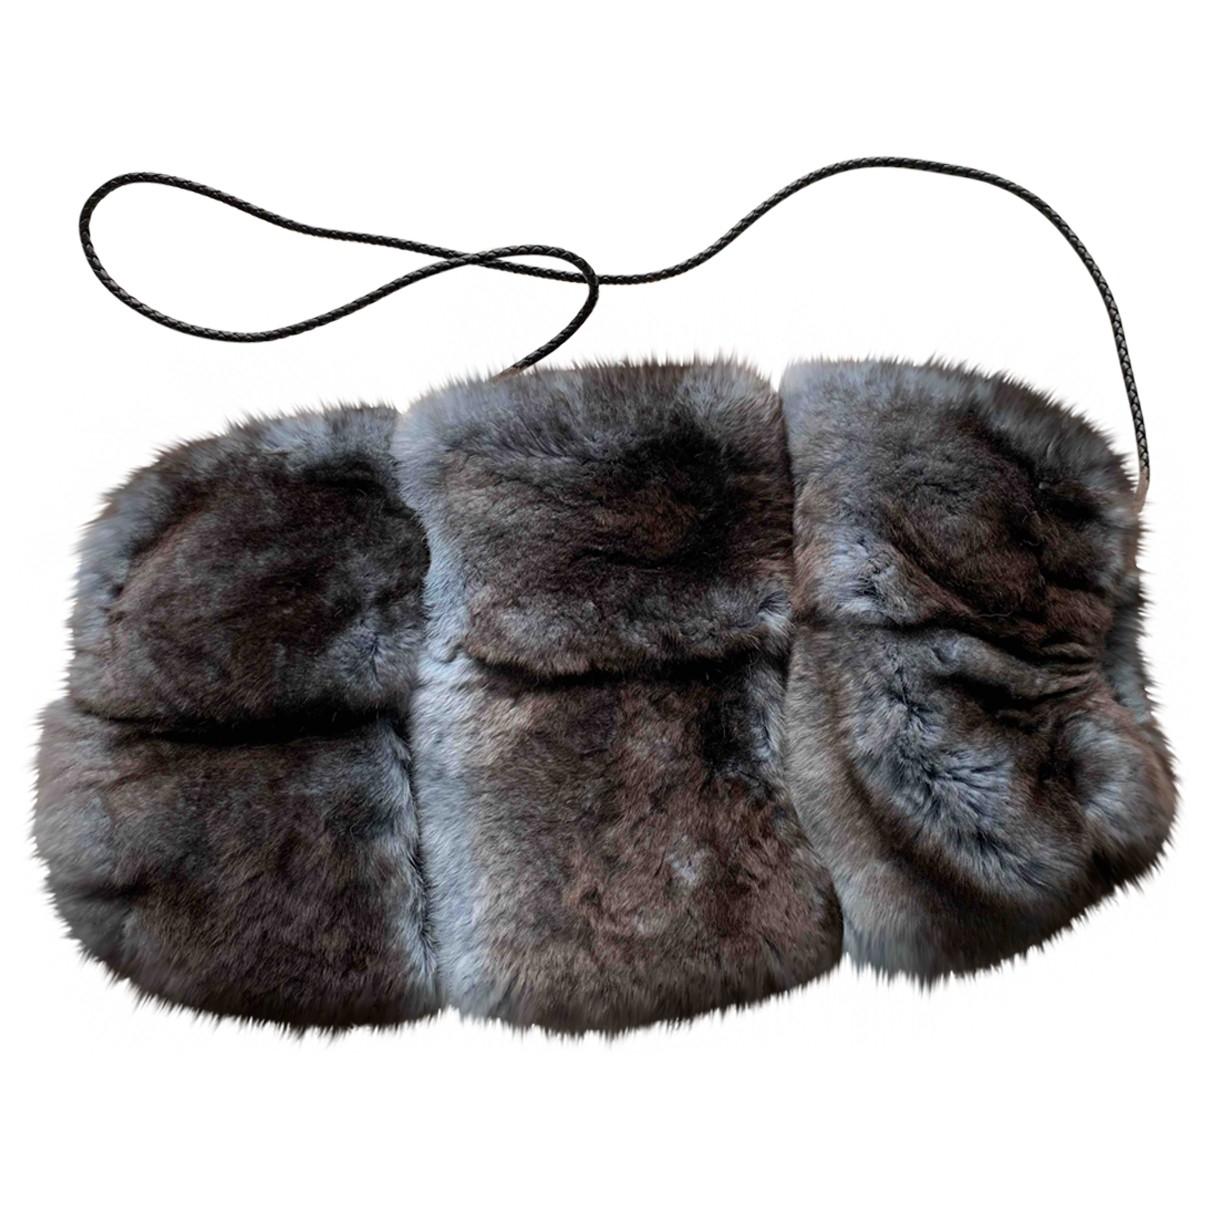 Fendi \N Blue Rabbit Gloves for Women One Size FR